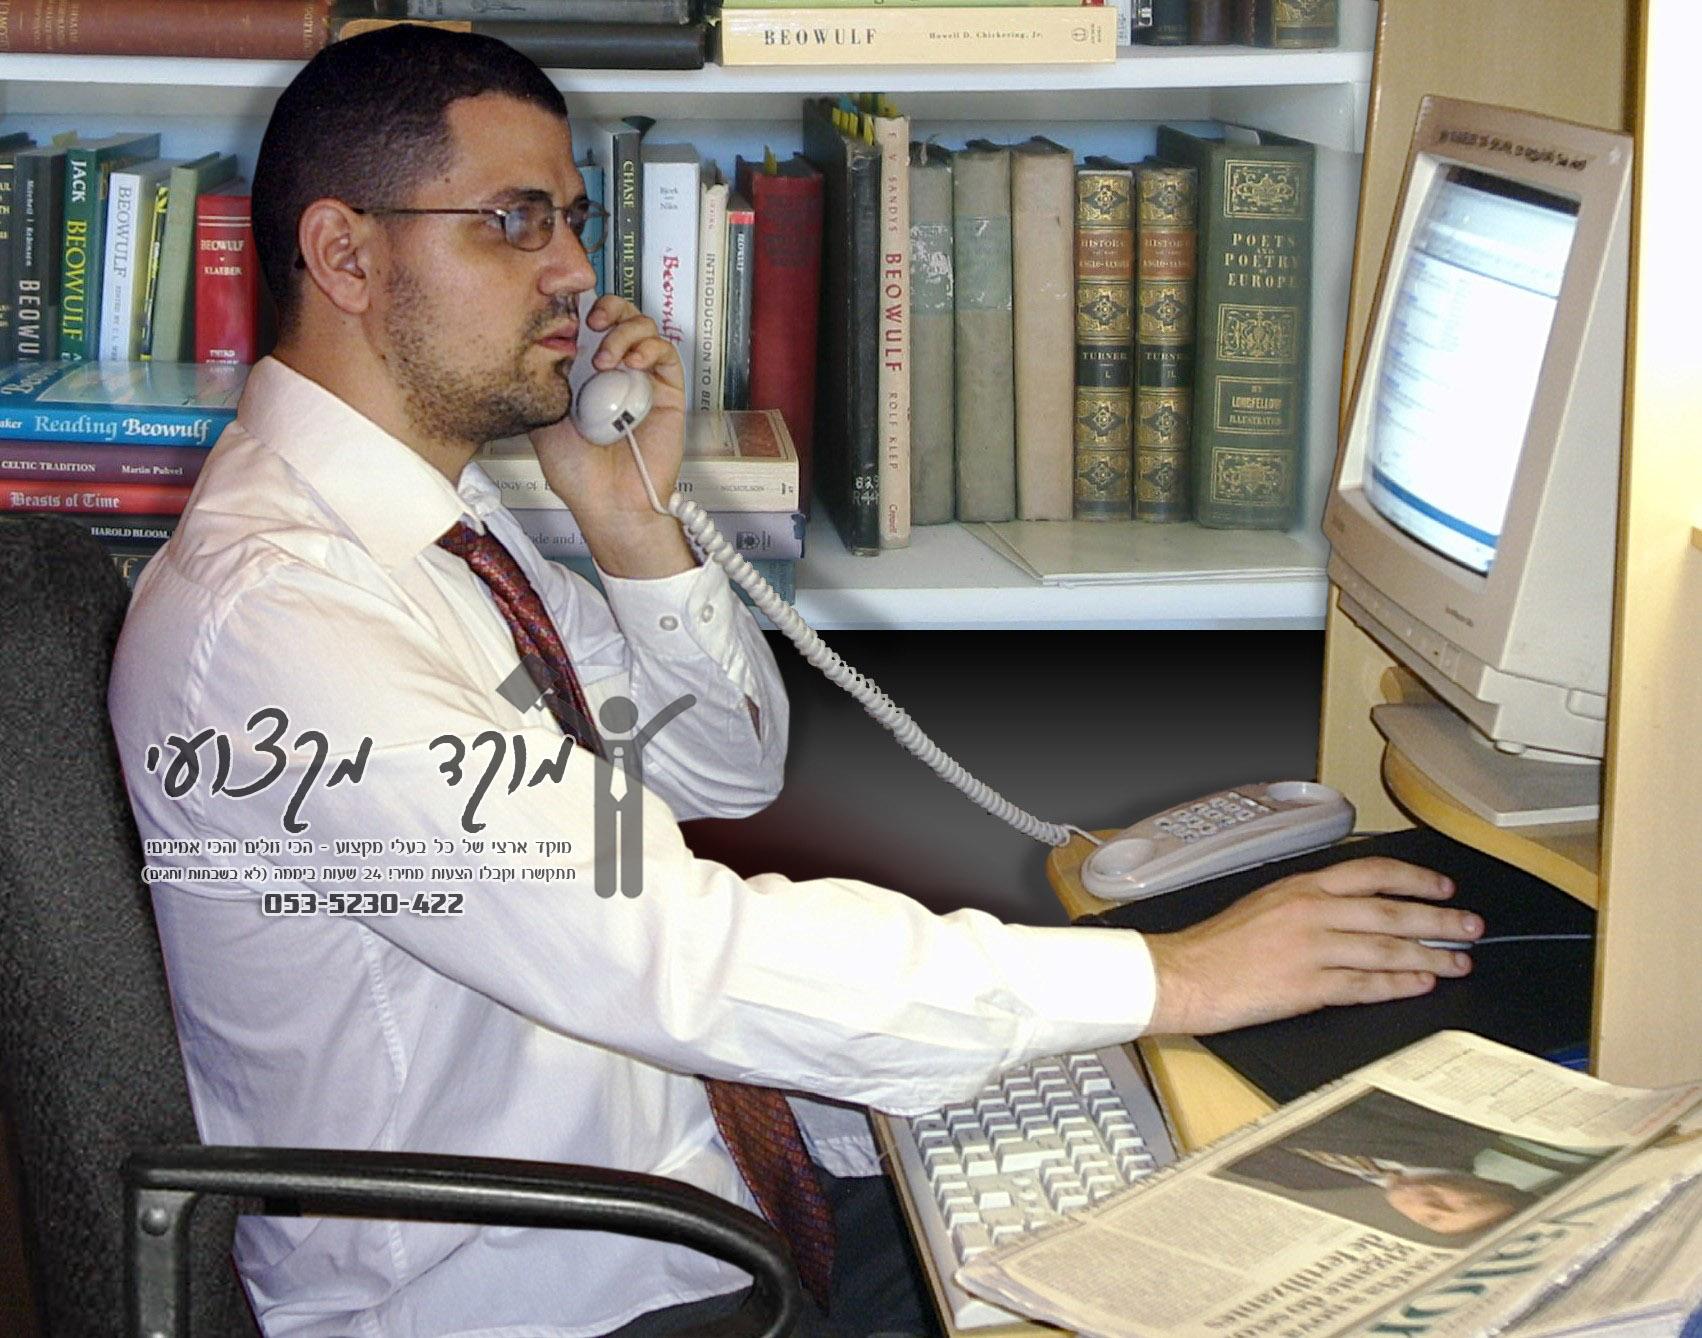 מחפשים ומוצאים מוקד מקצועי